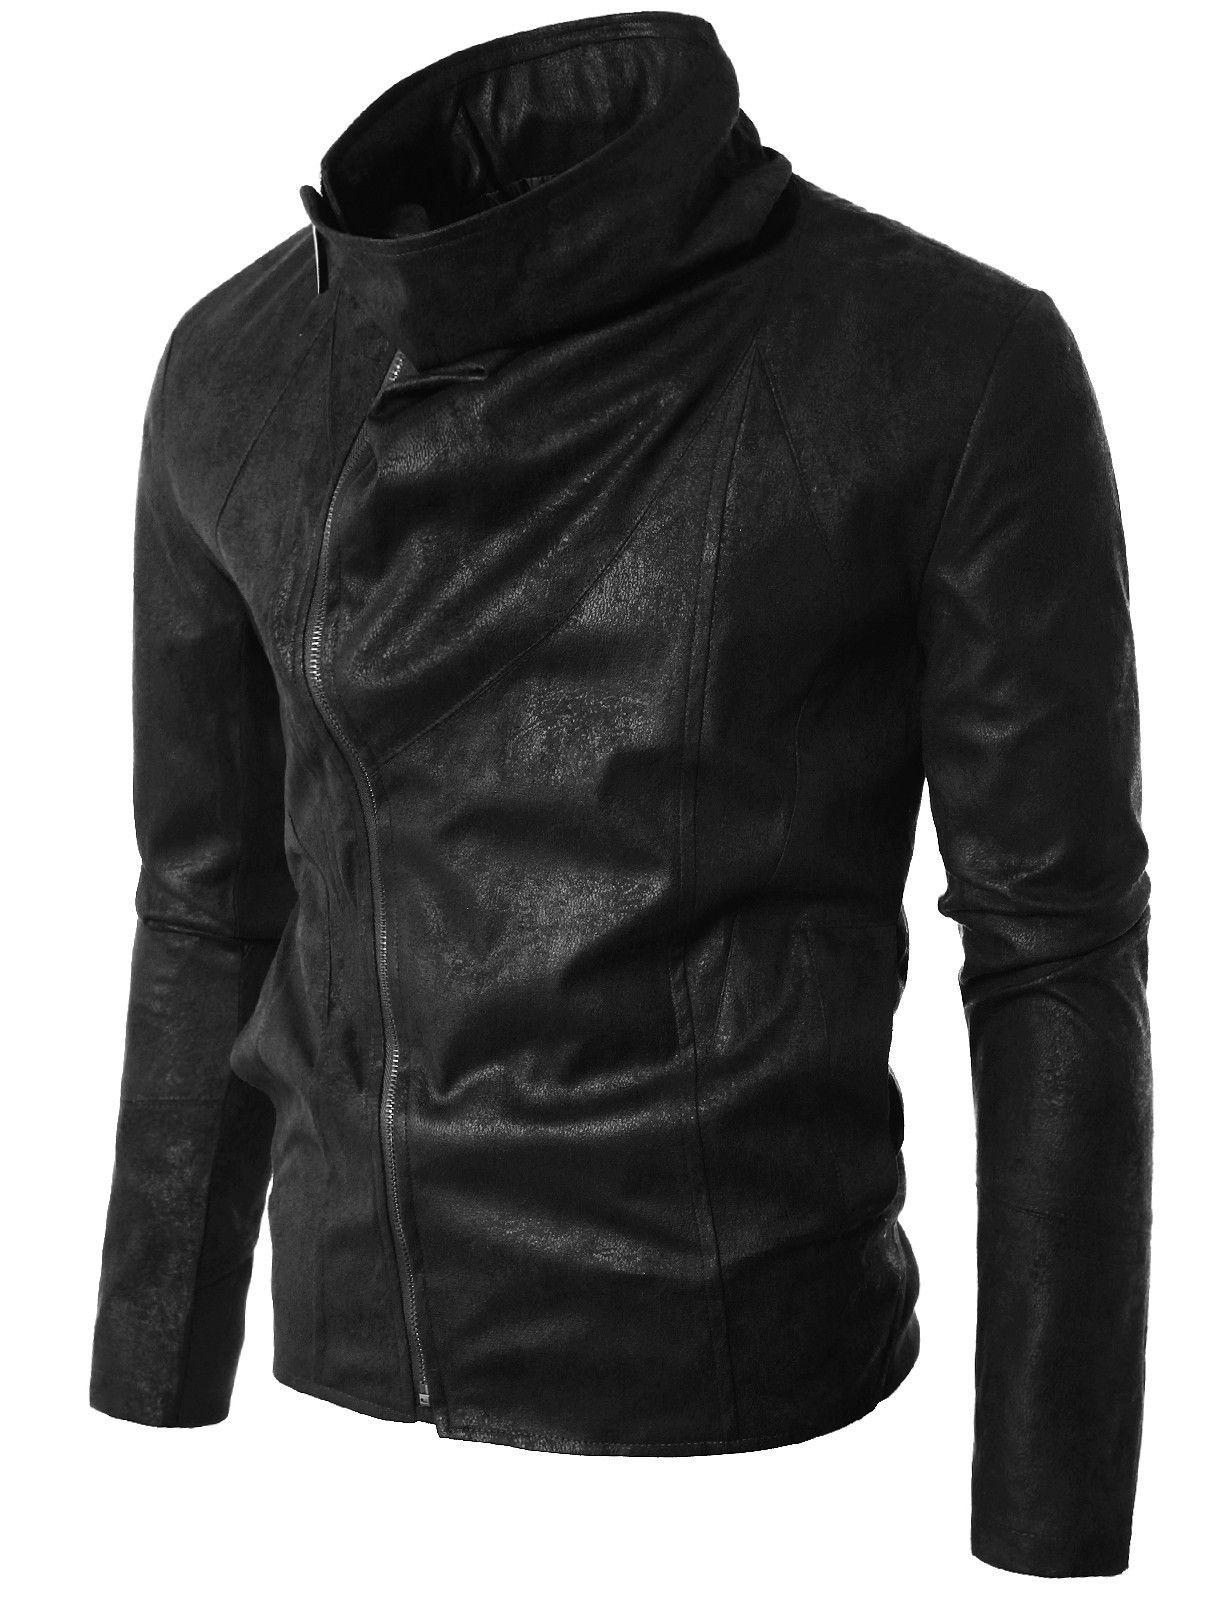 8f0603754c2 women fashion leather jacket biker jacket motorcycle jacket plus size  fashion dress clothing outerwear